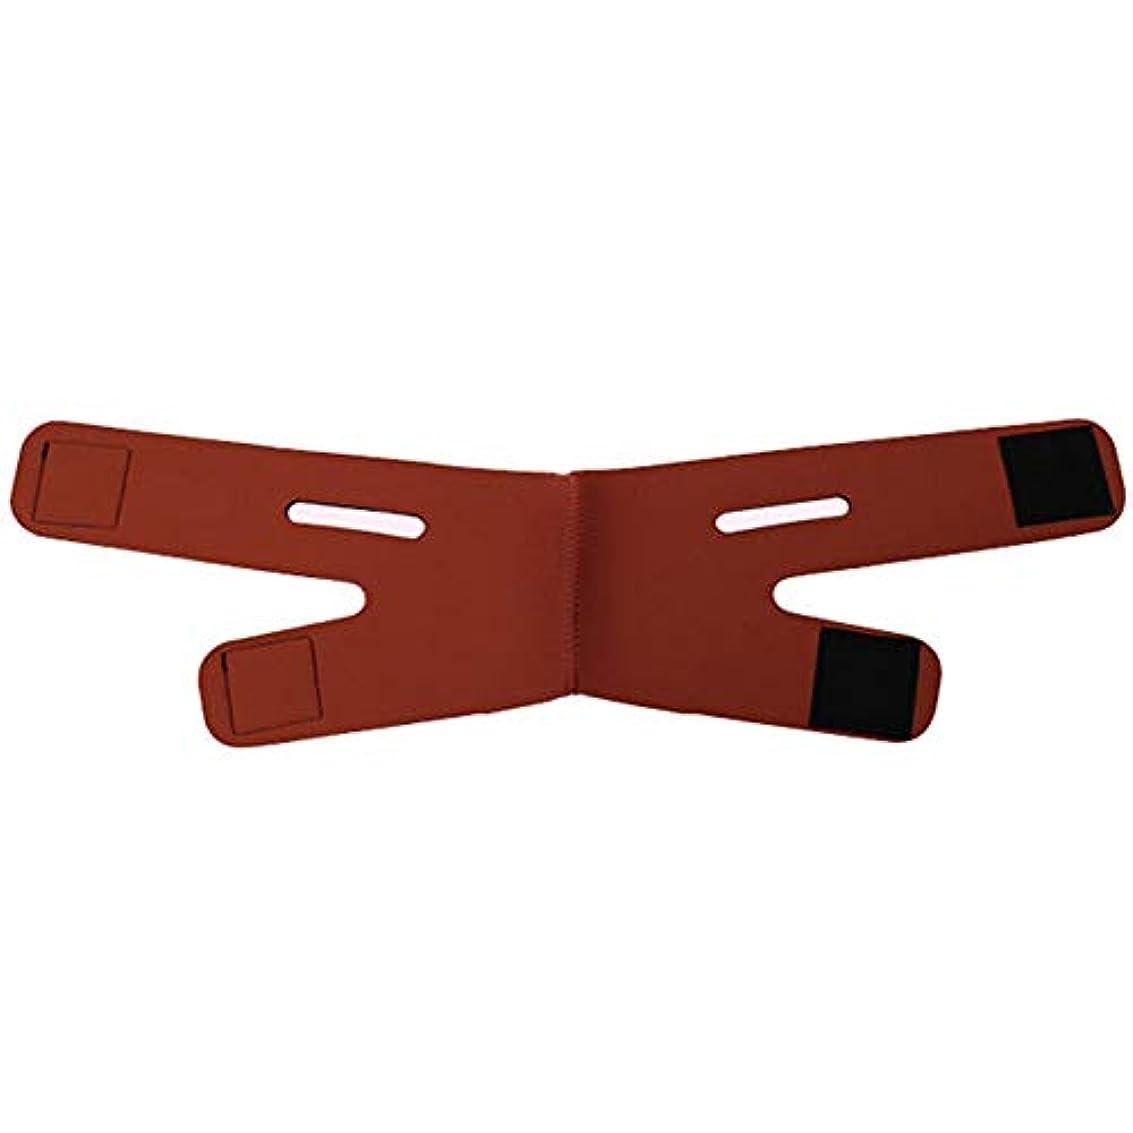 バッチ薄いです歯科医GYZ フェイシャルリフティング痩身ベルト圧縮二重あご減量ベルトスキンケア薄い顔包帯二重あごワークアウト Thin Face Belt (Color : Red)